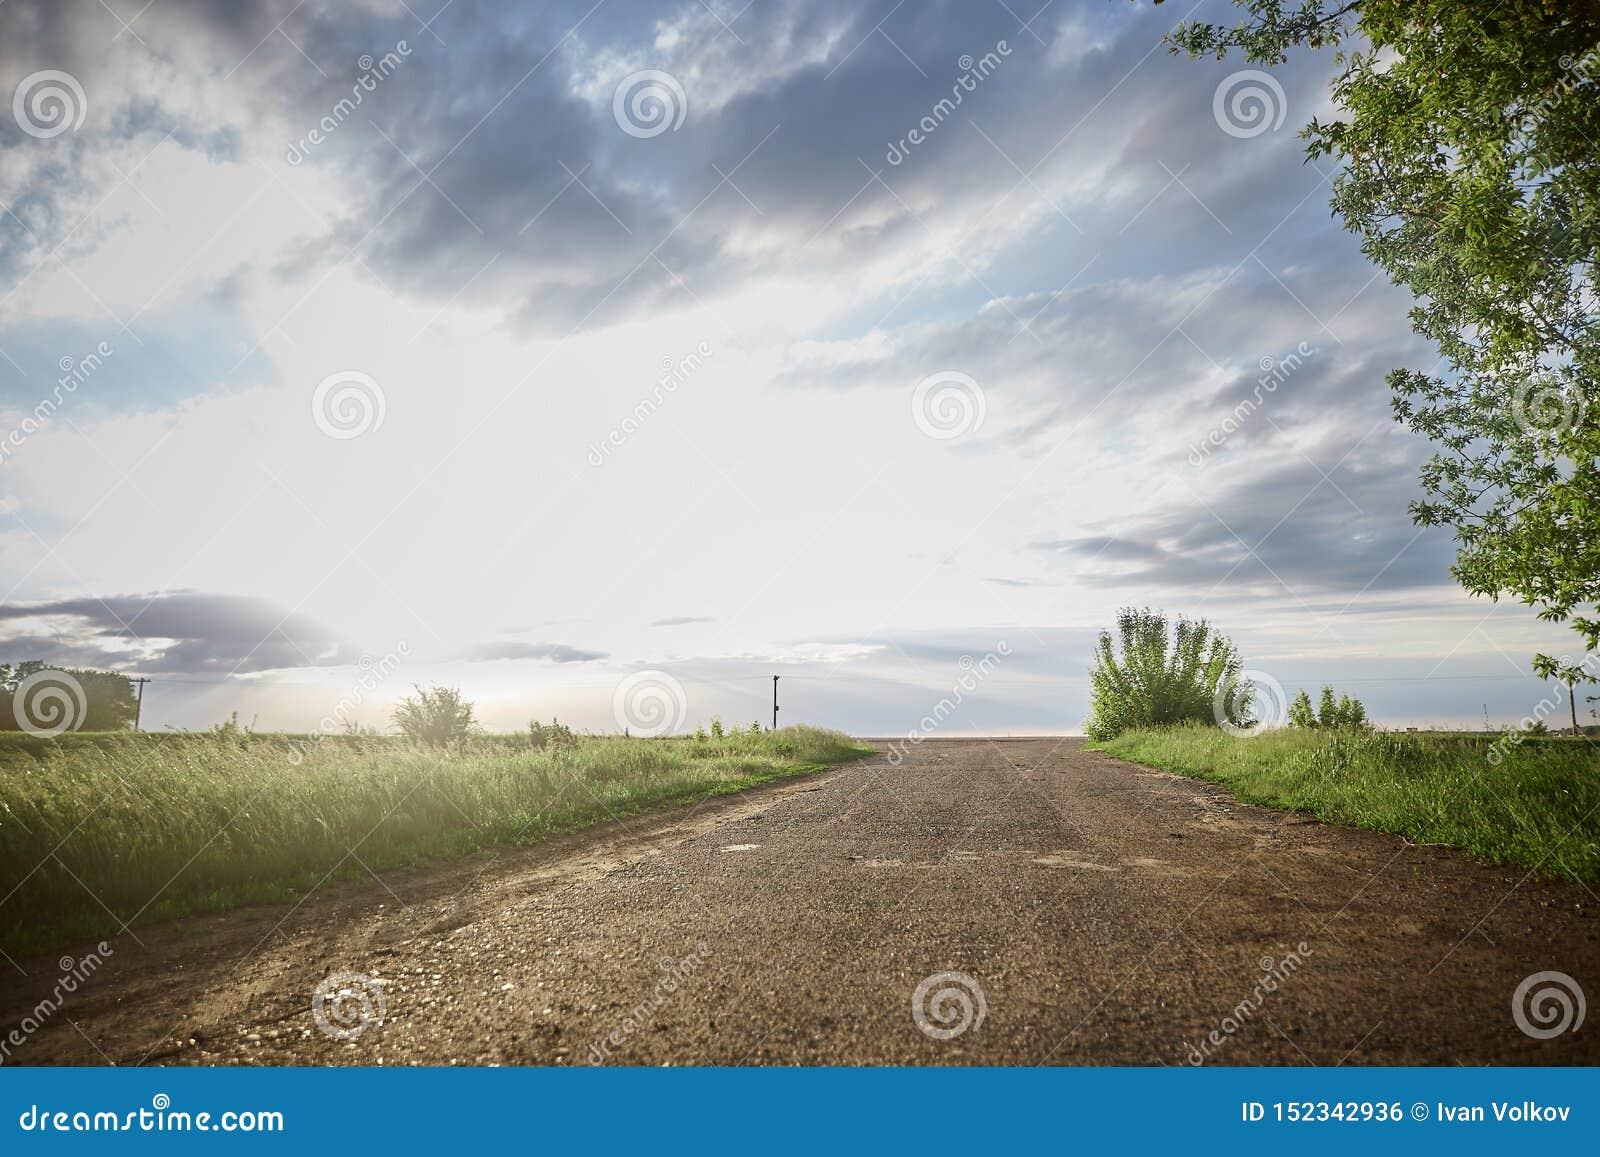 Δρόμος στον ορίζοντα τομέας, ουρανός, σύννεφα, καθαρός αέρας